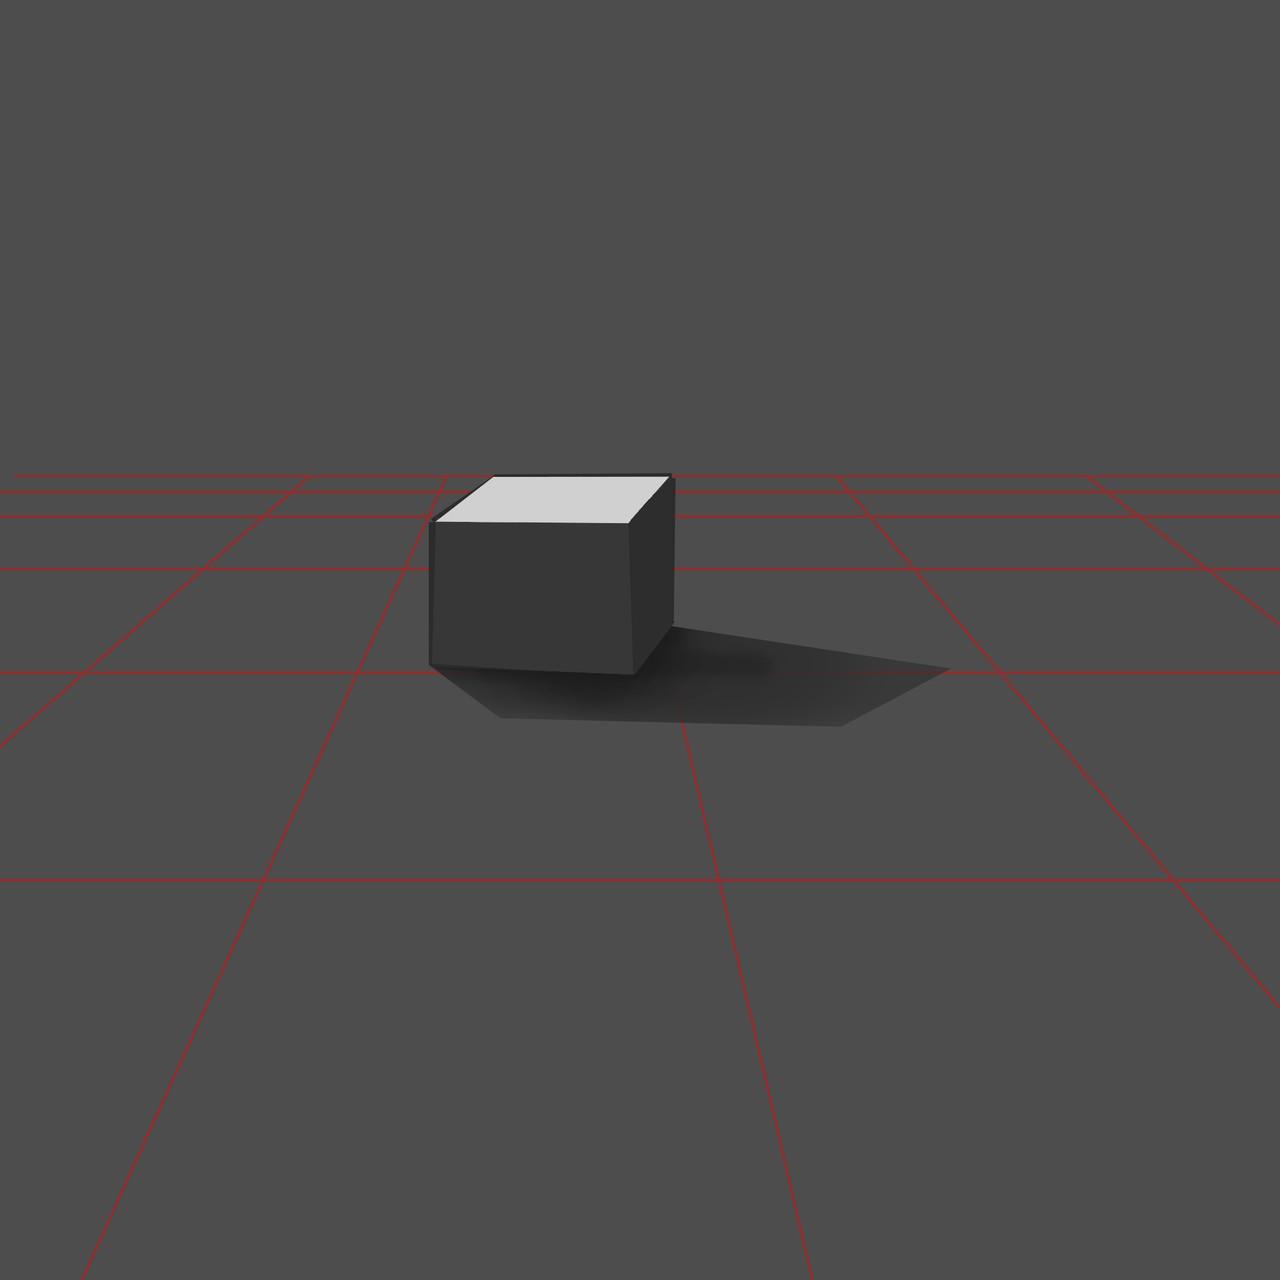 Shadow casting f